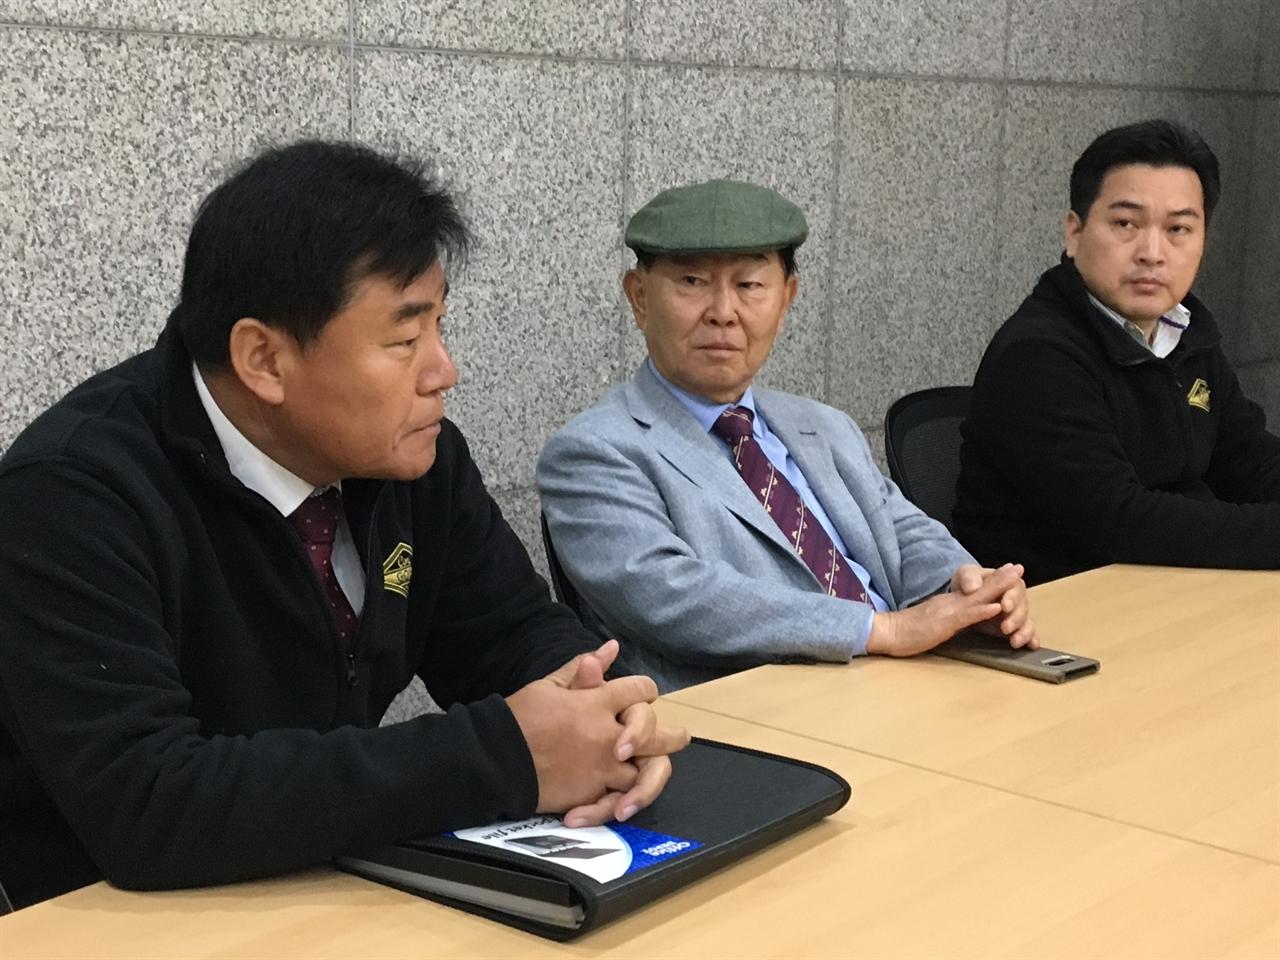 15일 콜텍 노사가 교섭을 재개했다(왼쪽에서 두번째가 박영호 사장)